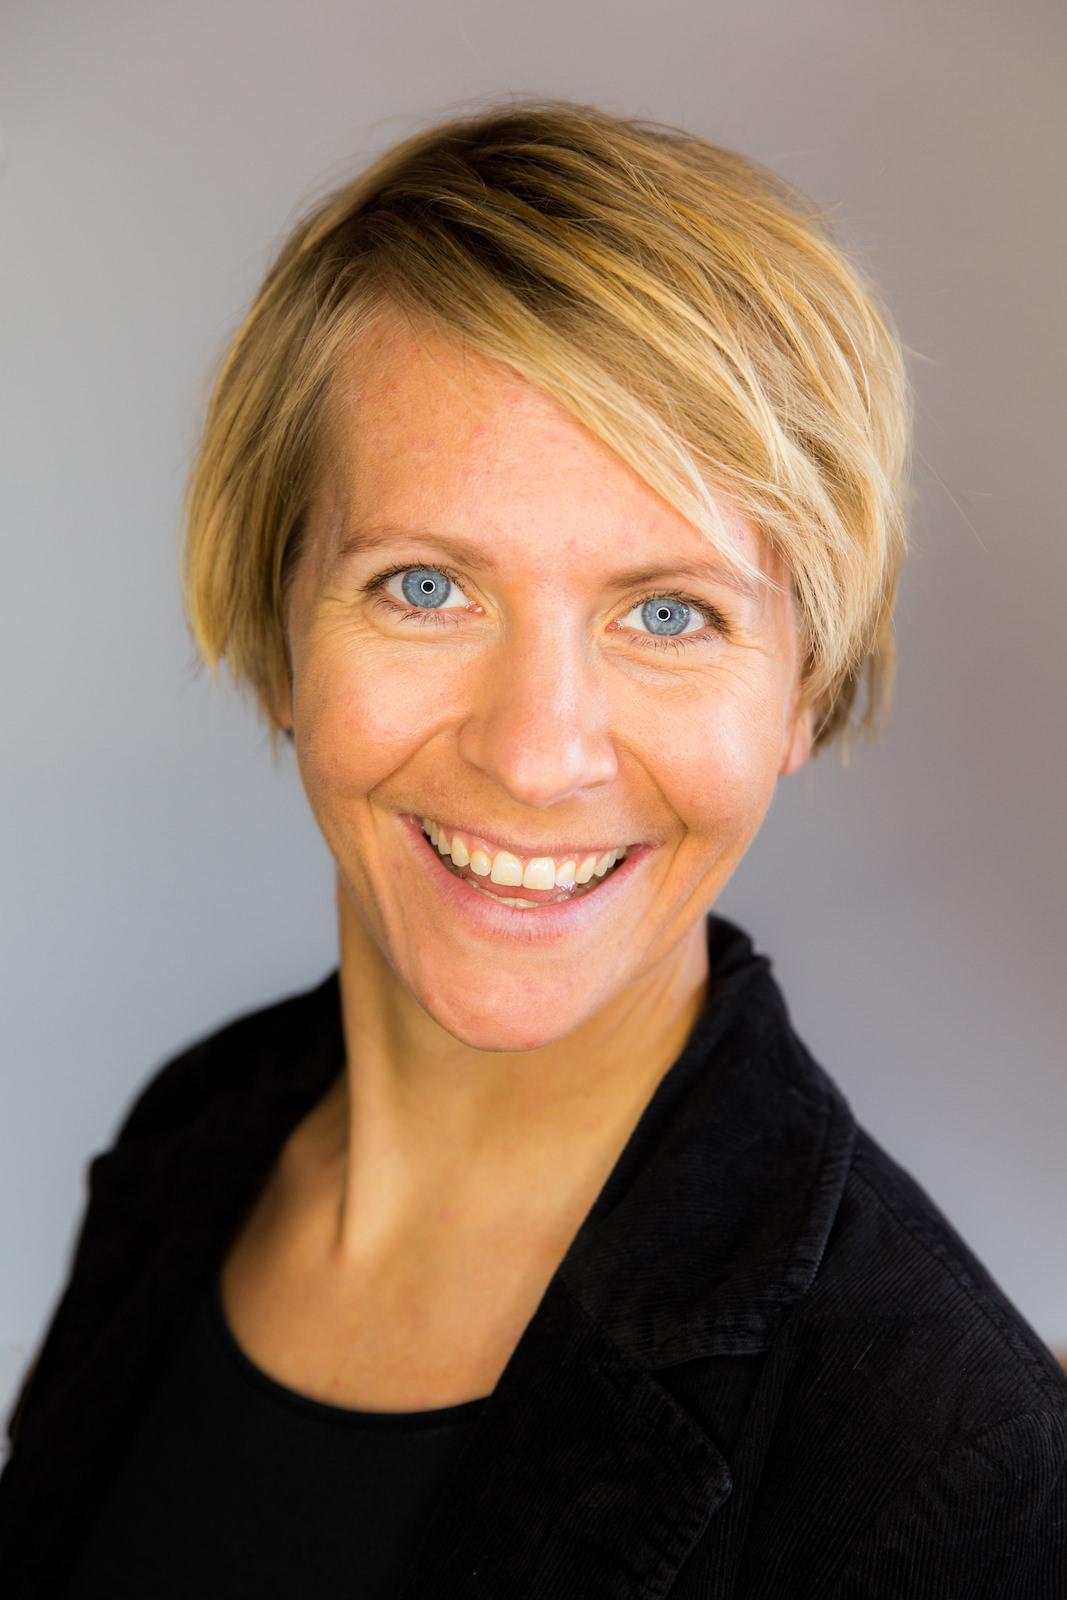 Daniela Schott Coaching Startseite Profilbild